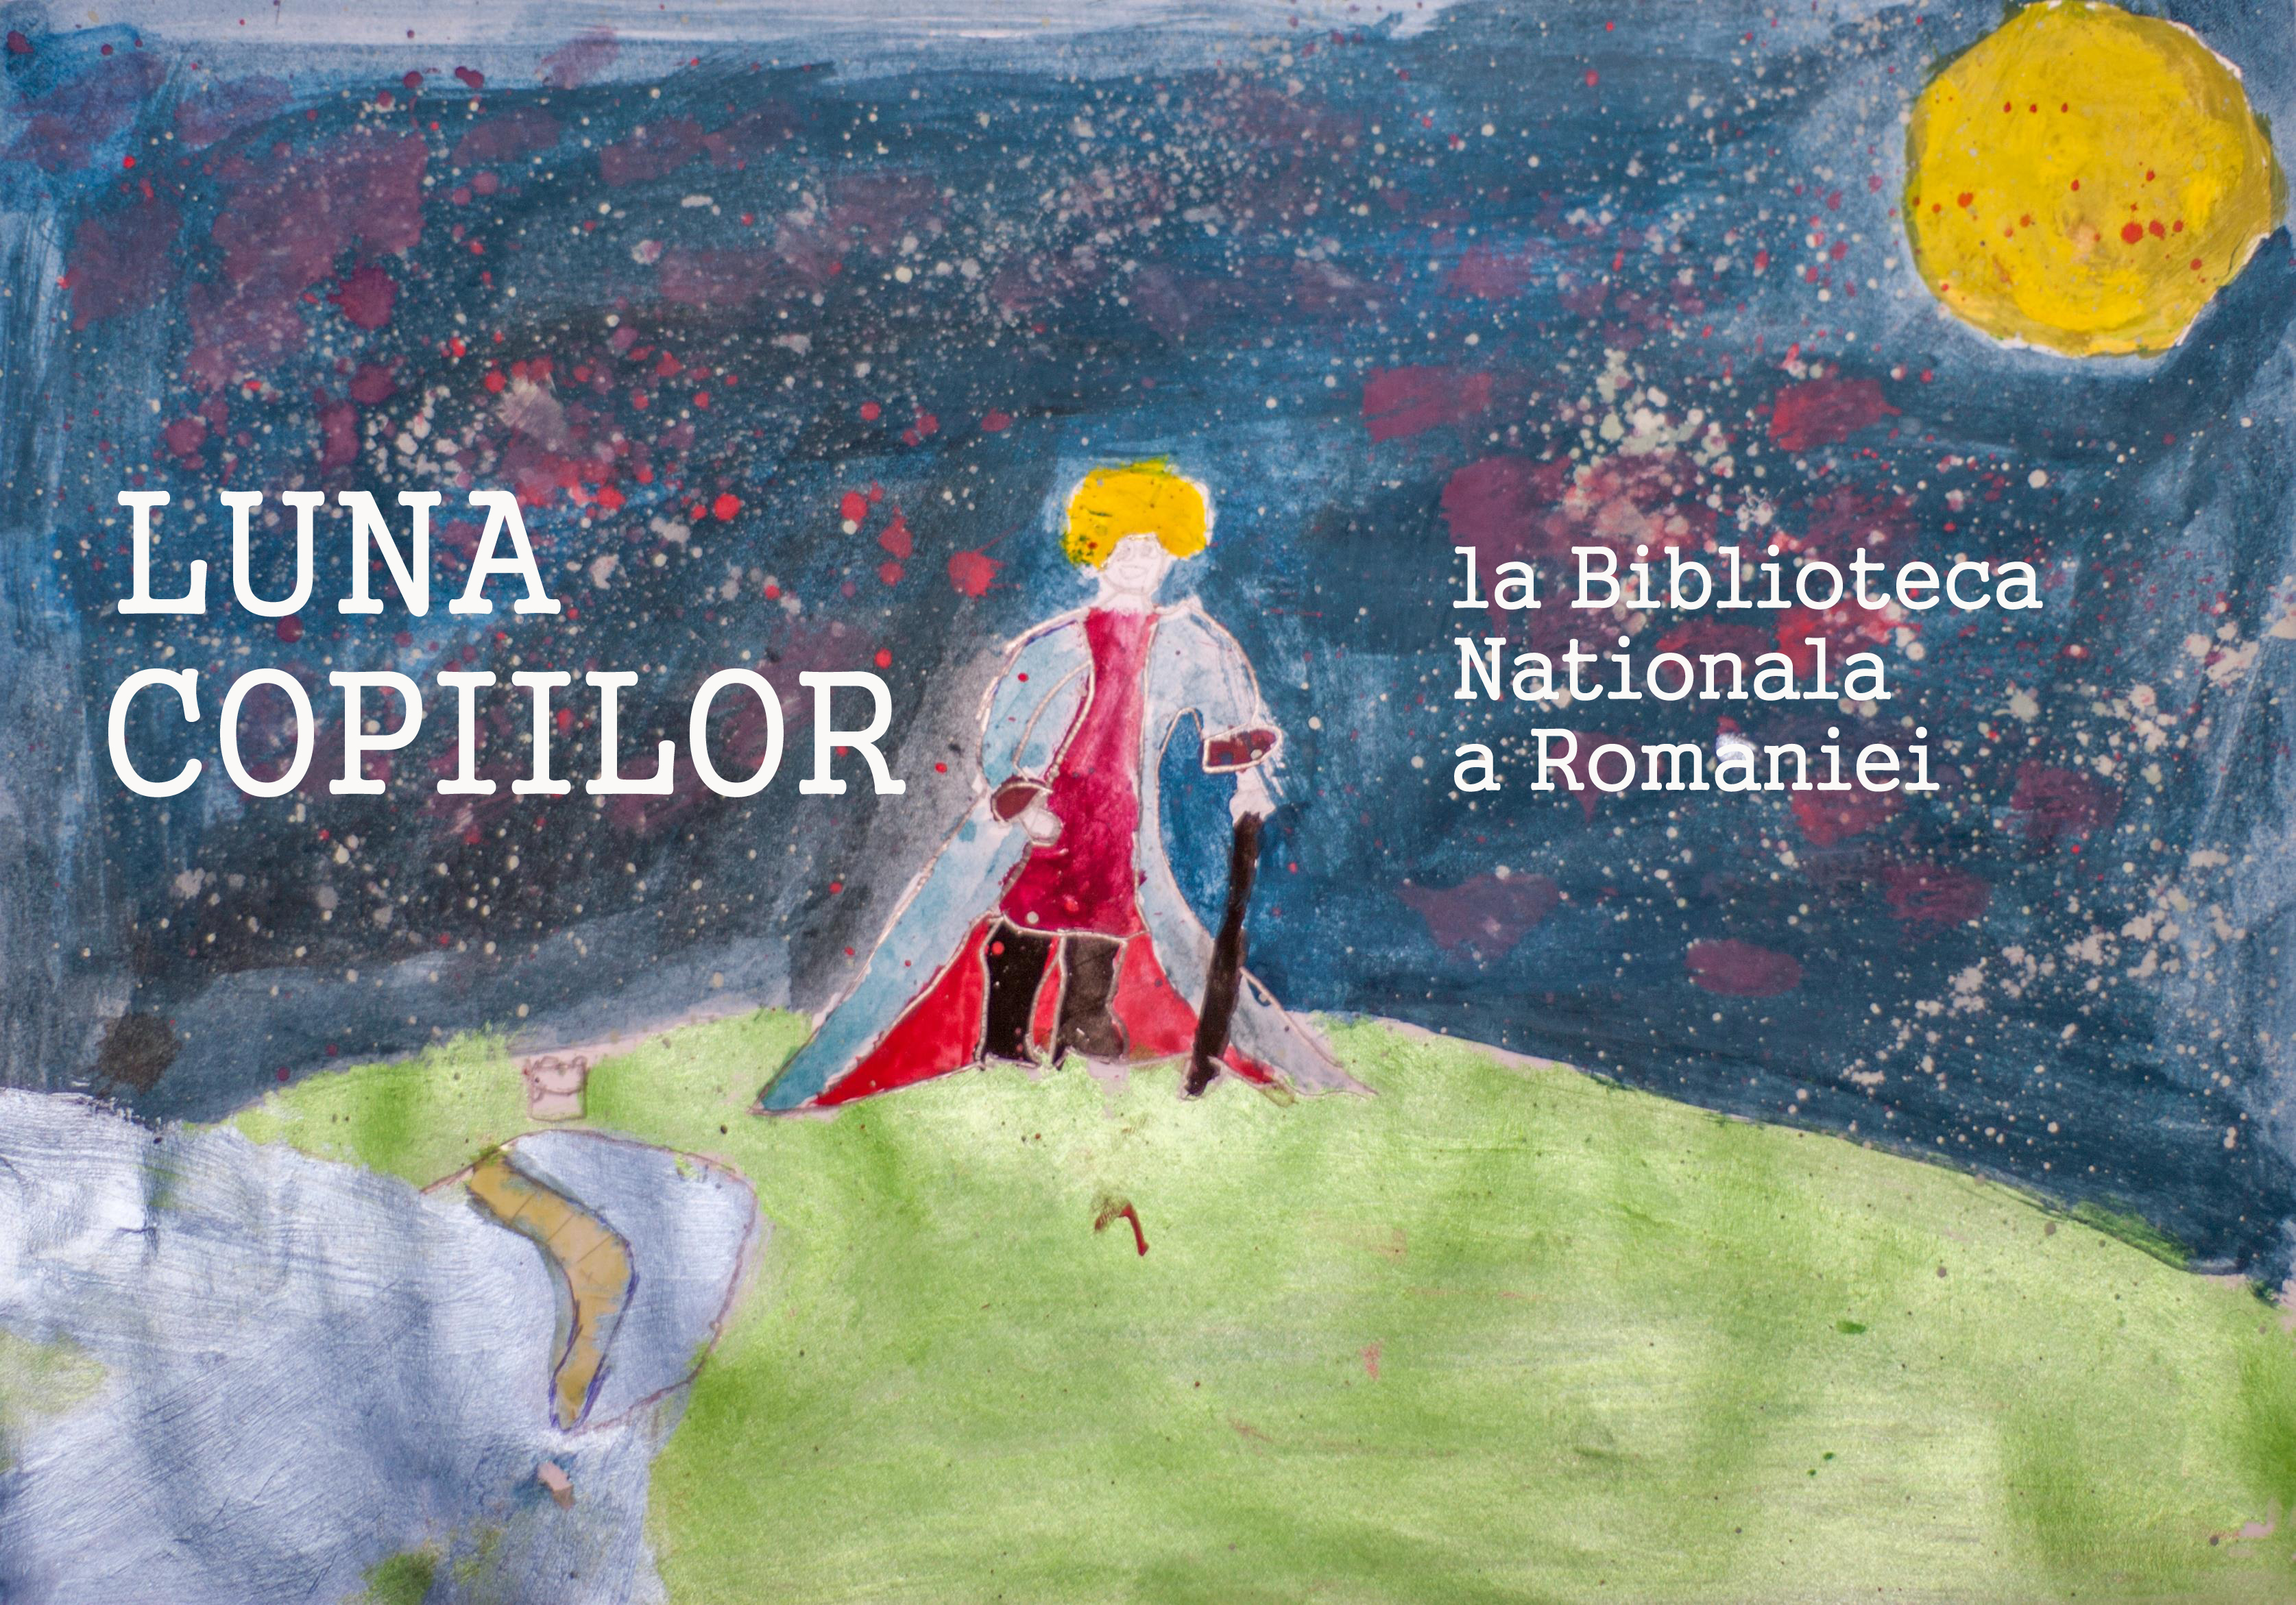 Atelier de lectură cu scriitoarea Alina Purcaru, marți, 14 iunie, 11:30 - 13:00.